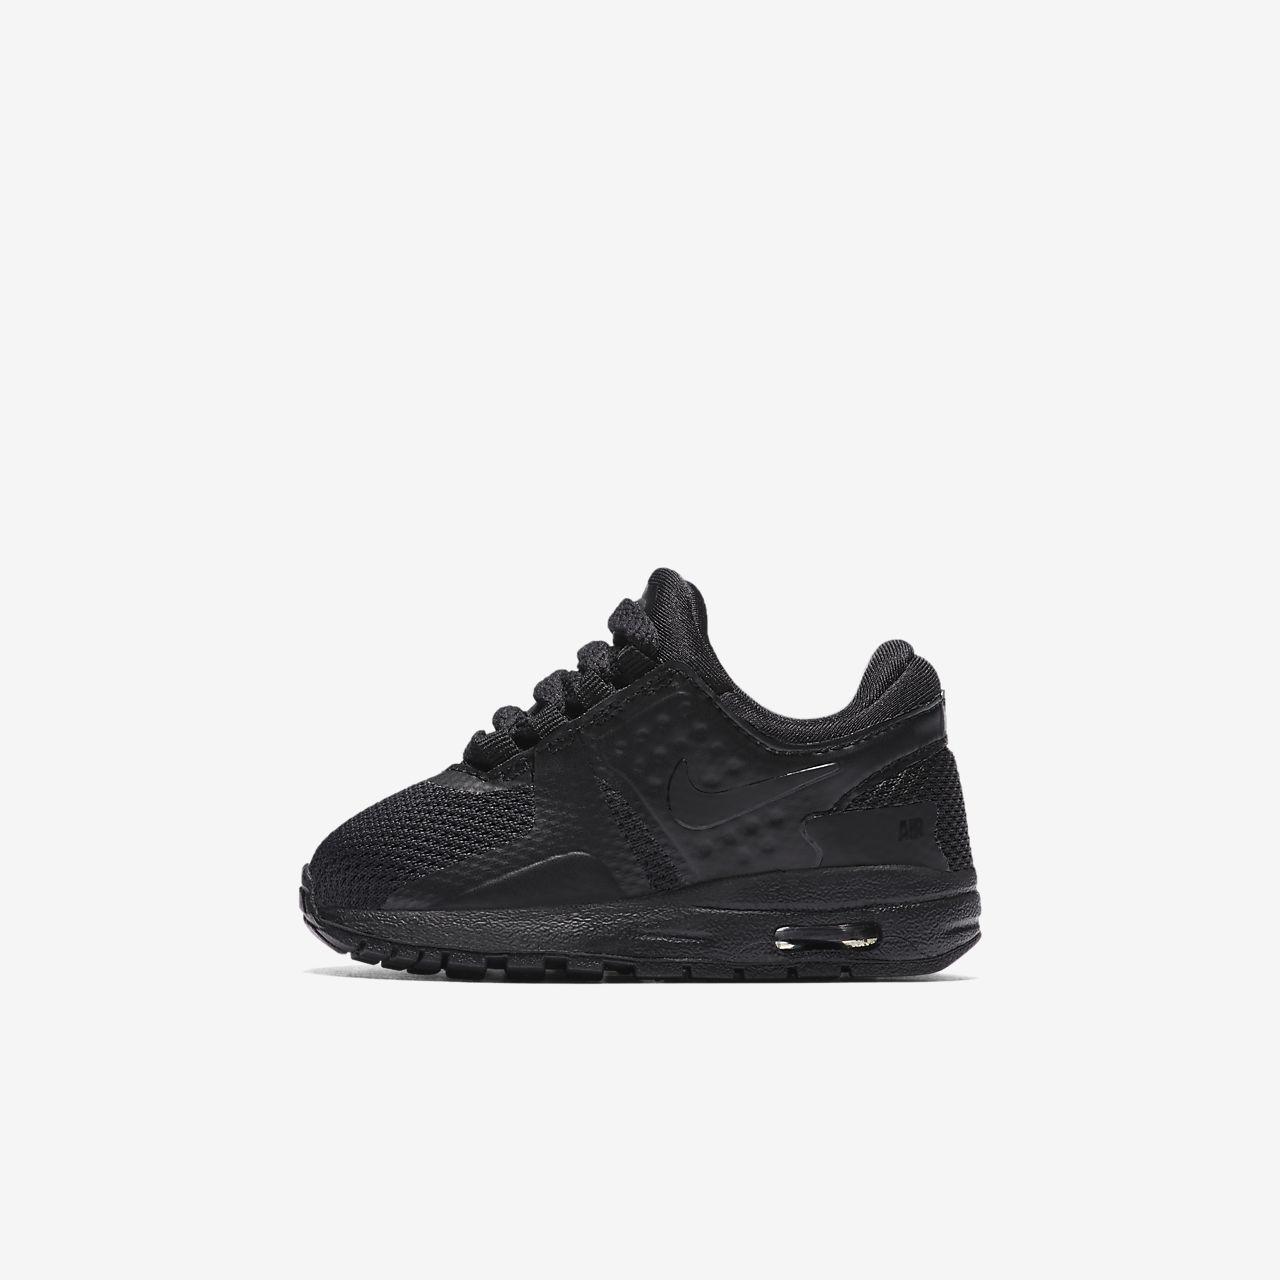 ... Chaussure Nike Air Max Zero Essential pour Bébé/Petit enfant